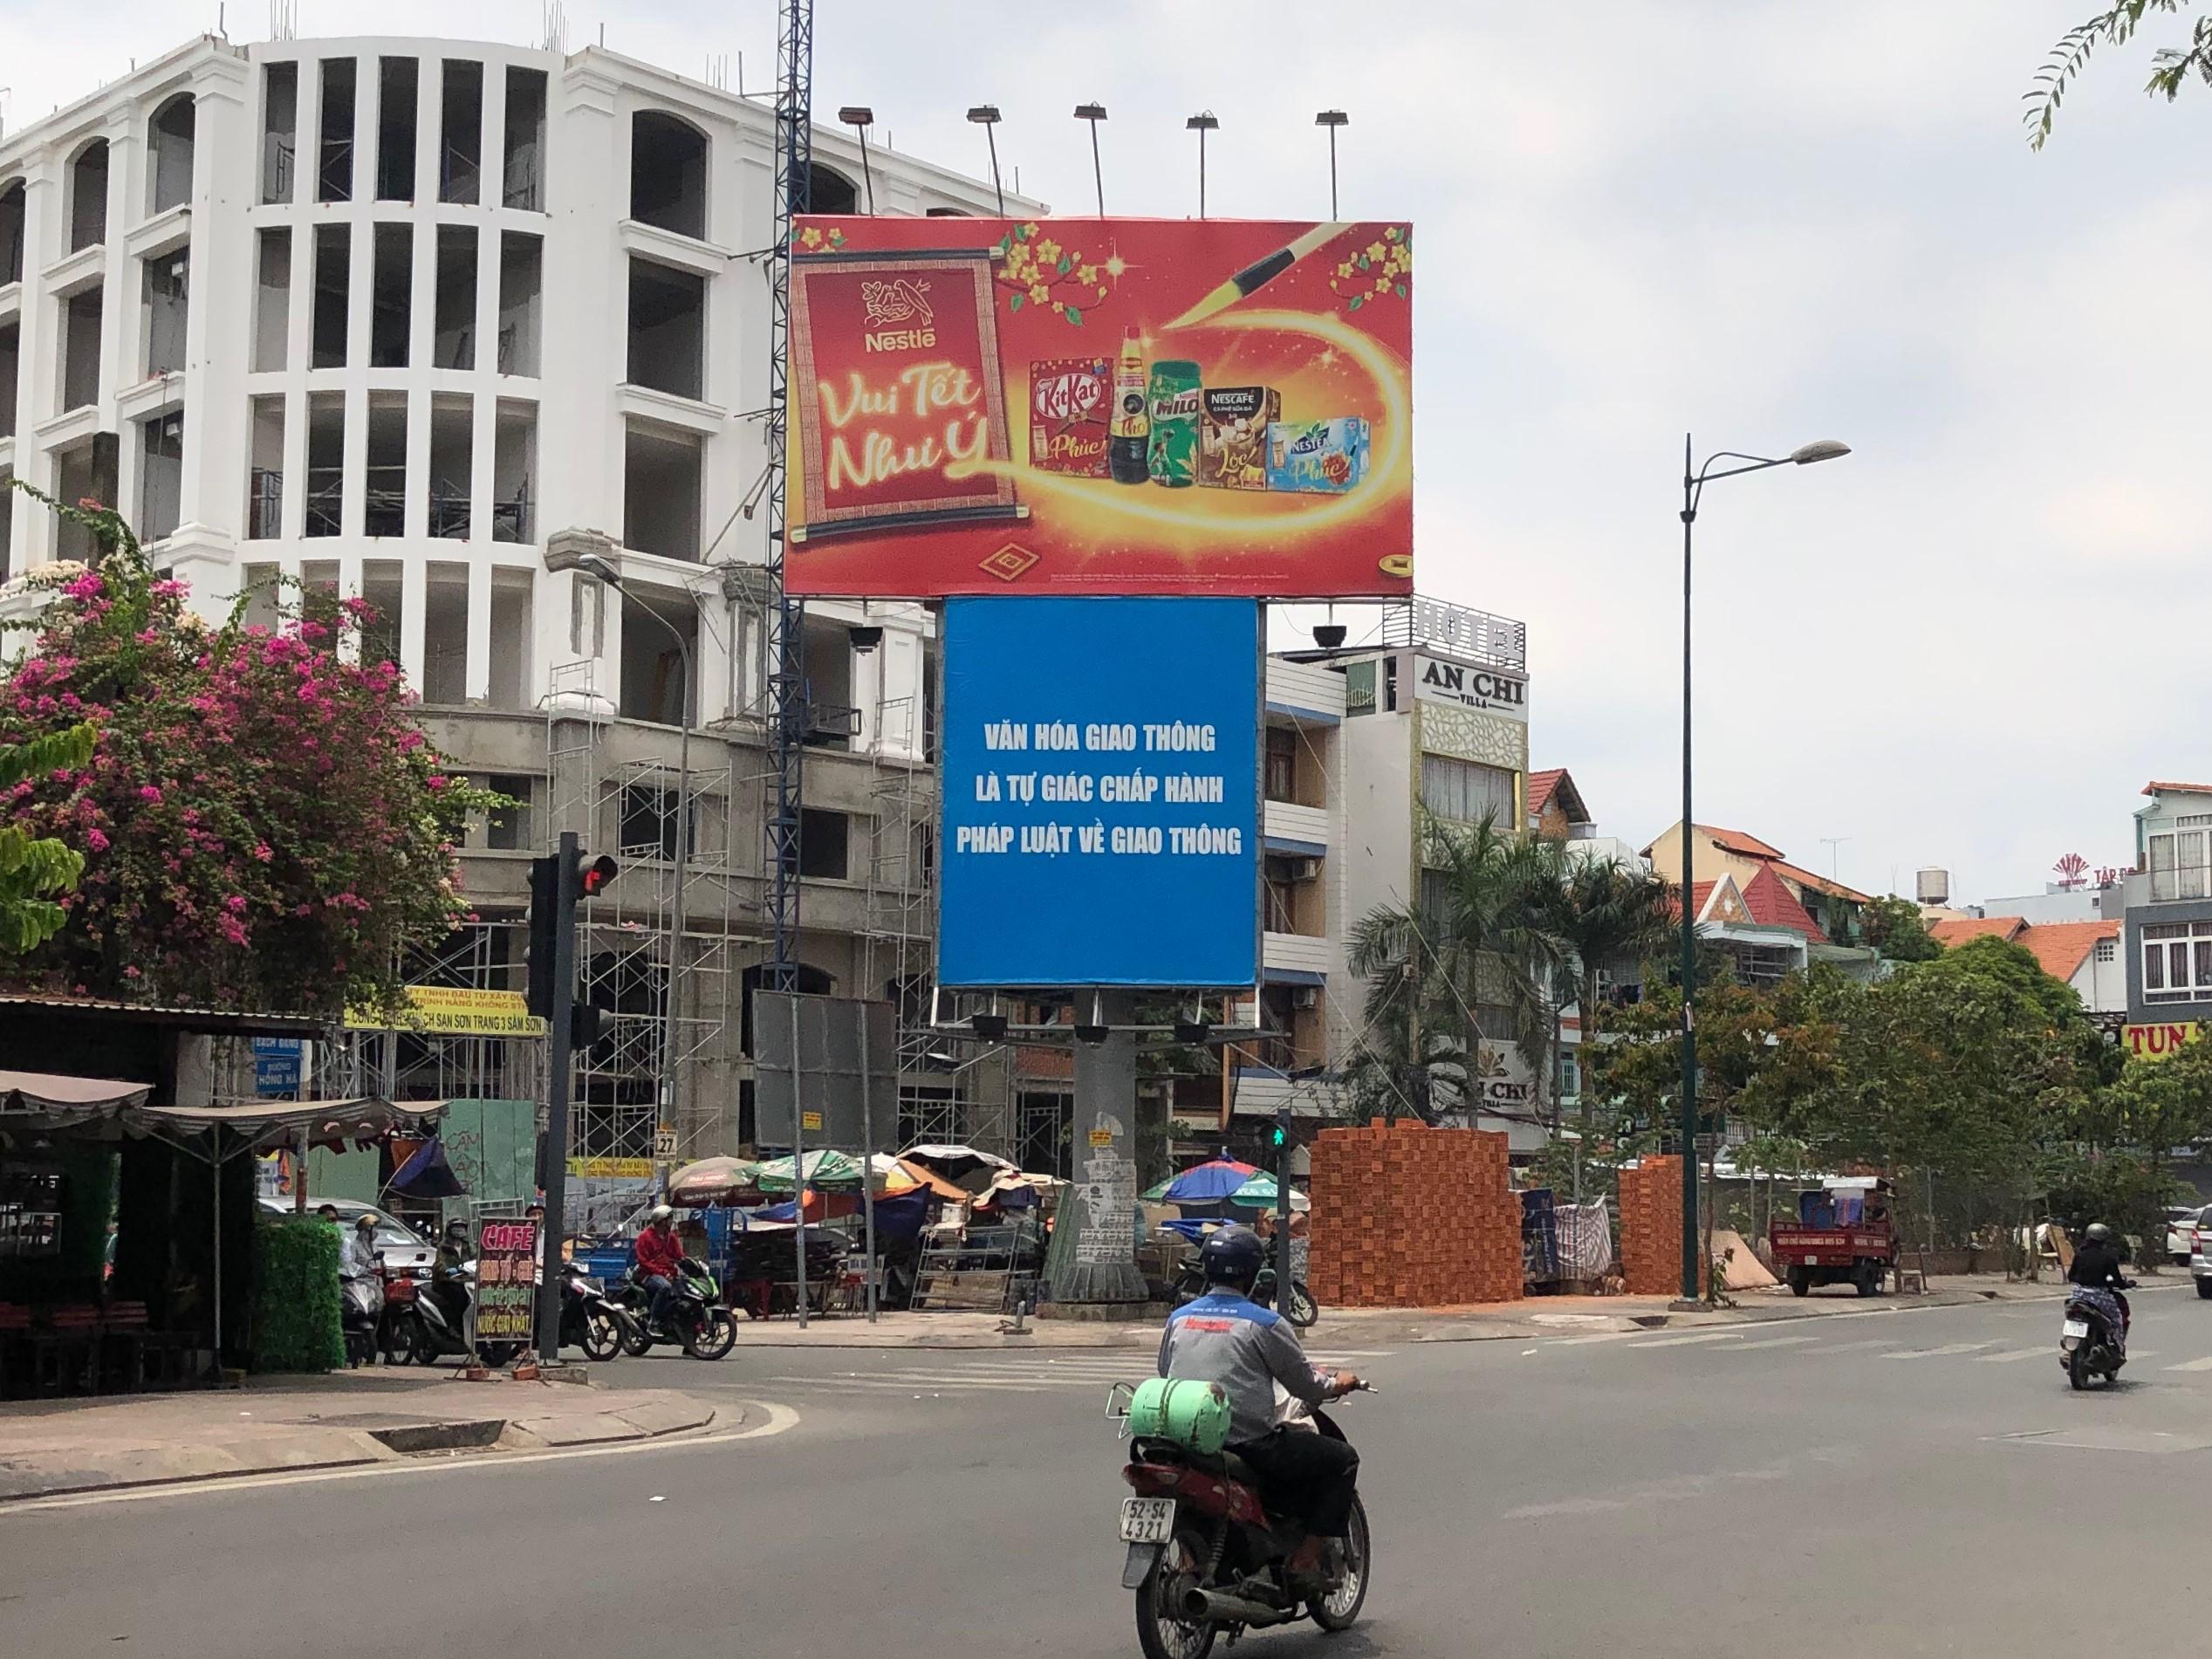 ベトナムでのパネル・看板広告